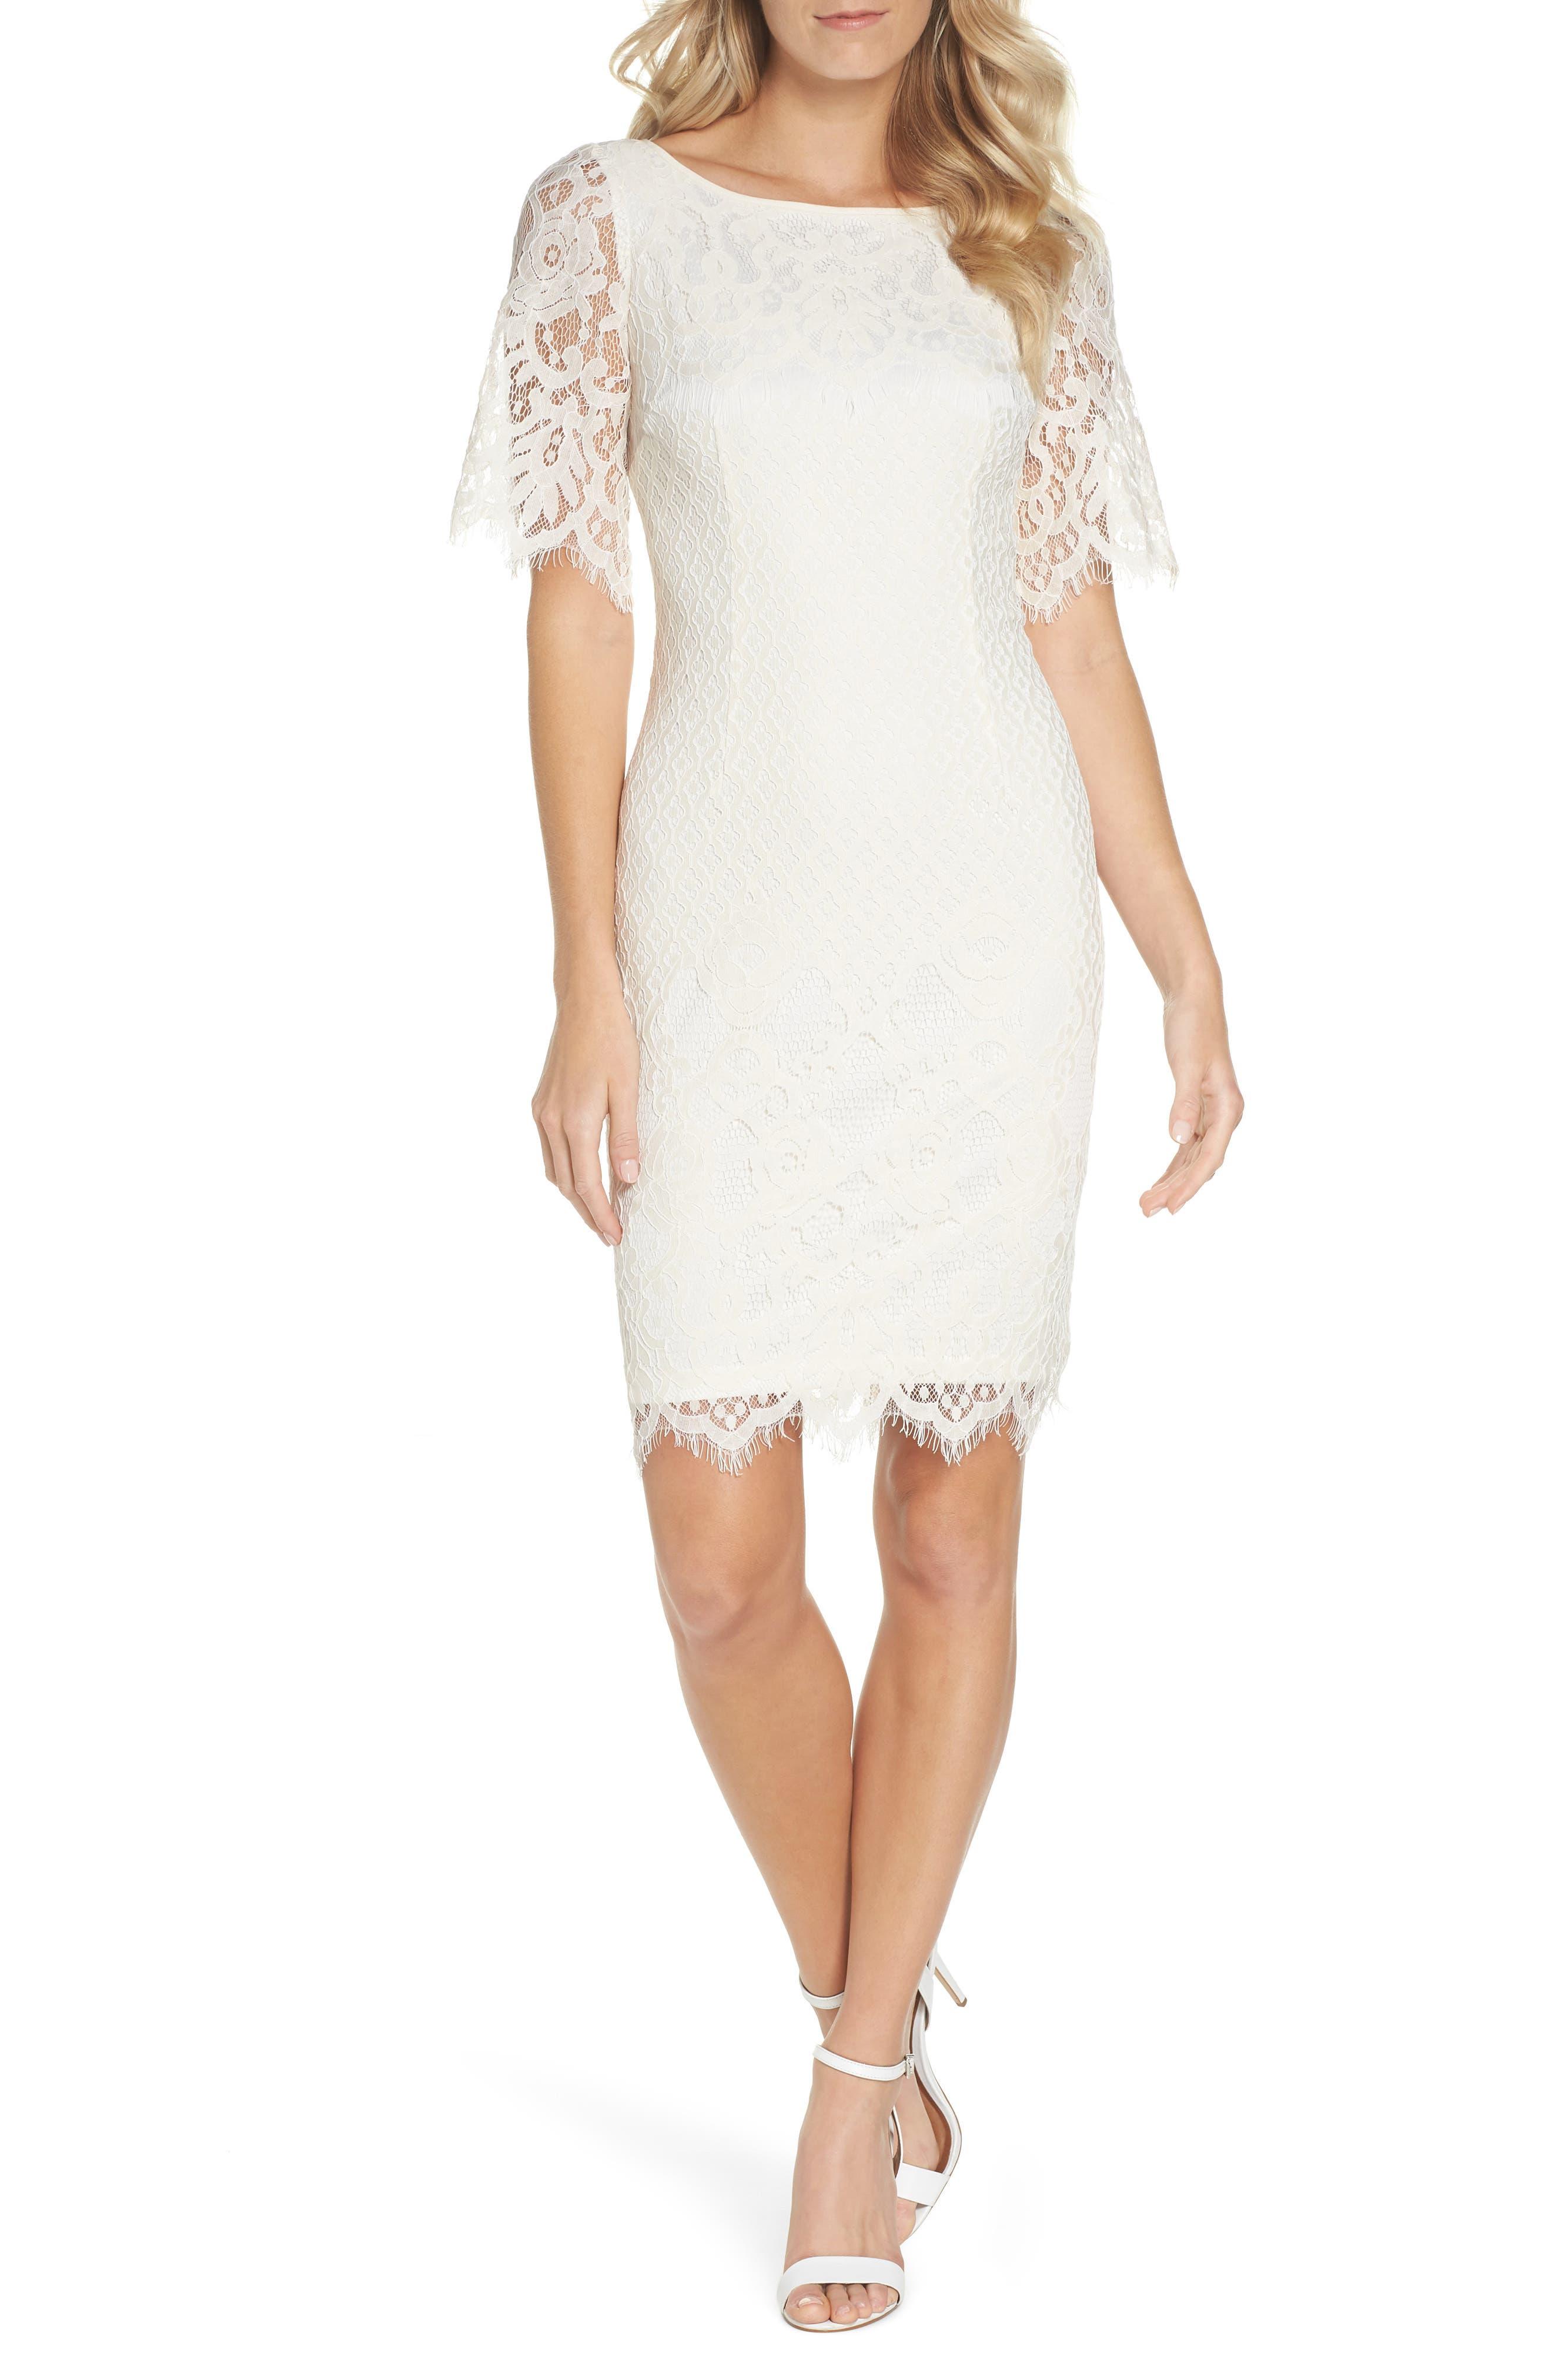 Georgia Scalloped Lace Sheath Dress,                             Main thumbnail 1, color,                             904